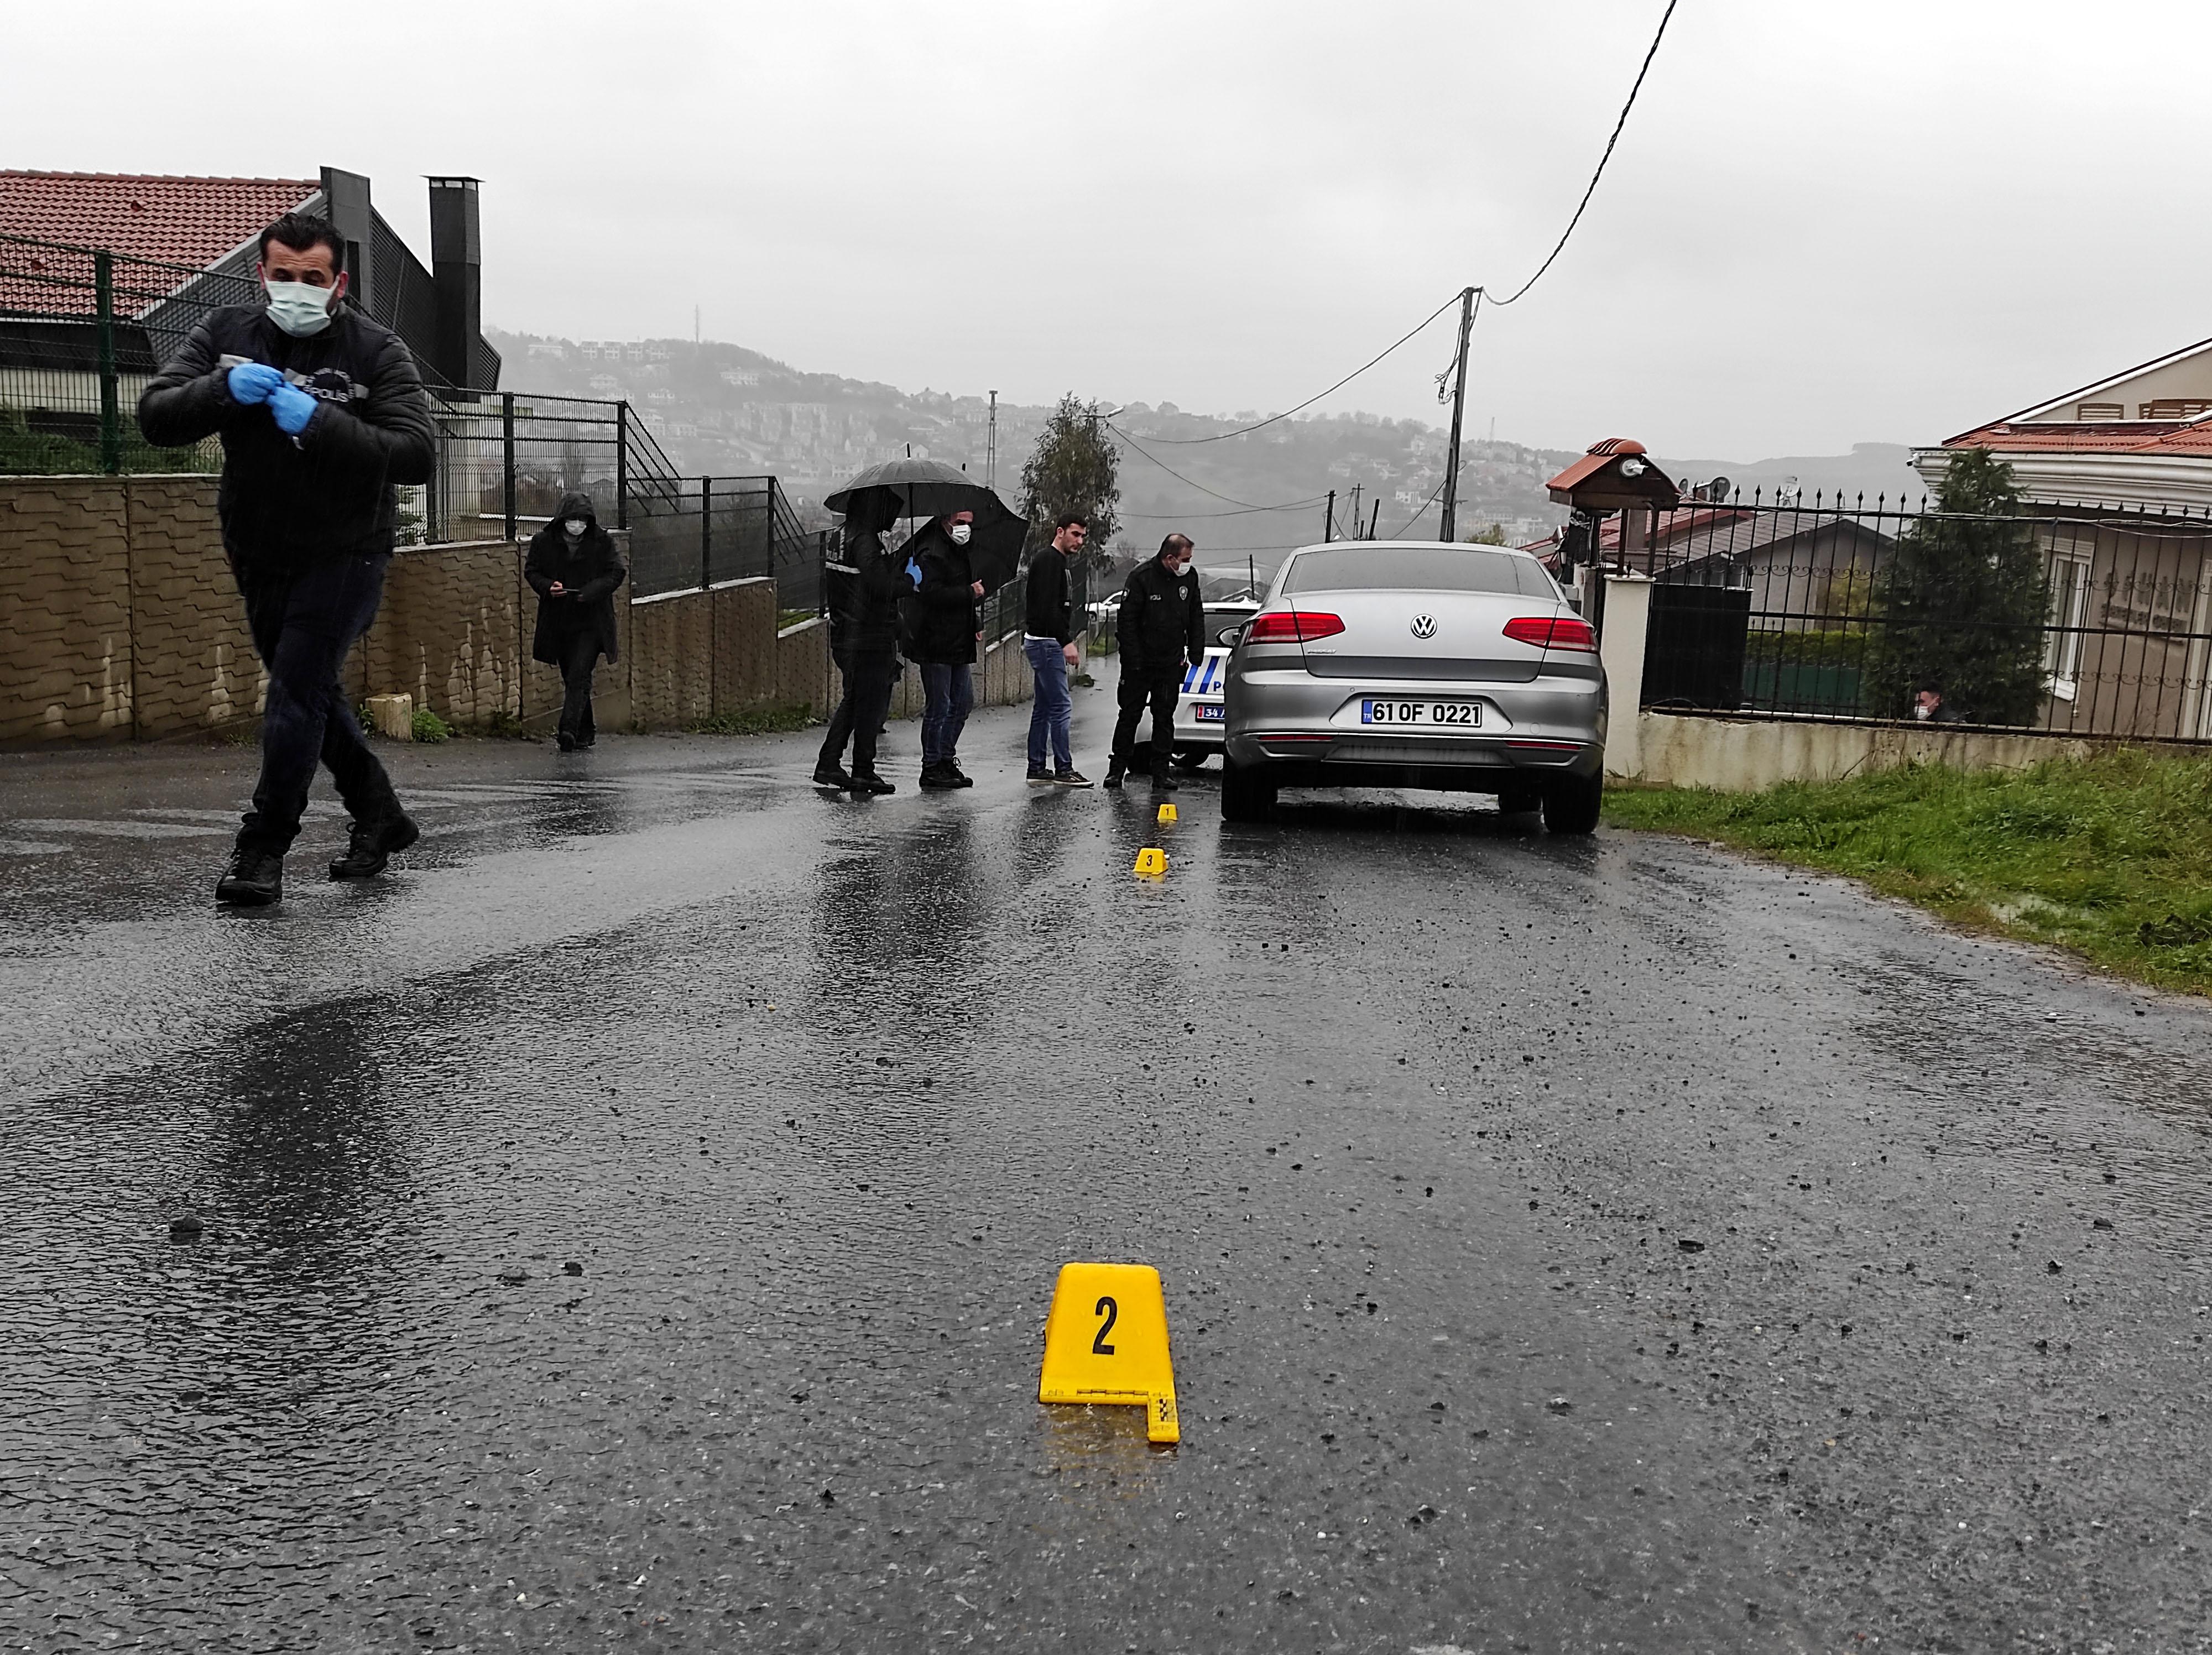 Sarıyer'de iş insanına silahlı saldırı